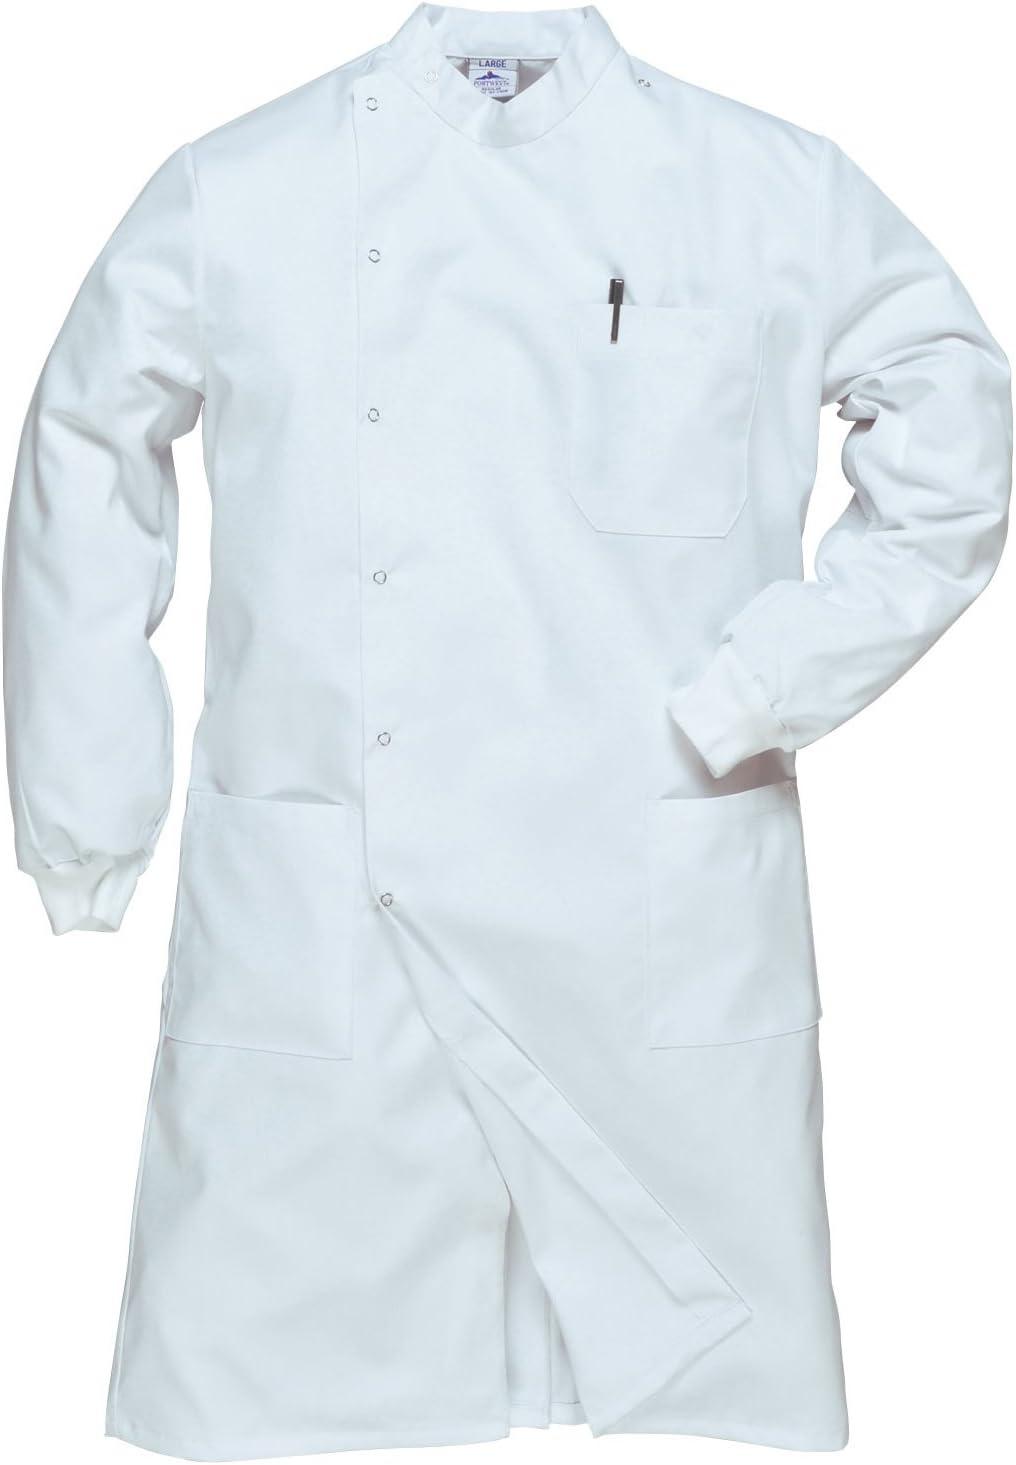 Portwest C865WHRXXXL Howie Coat Regular 3X-Large Texpel Finish White